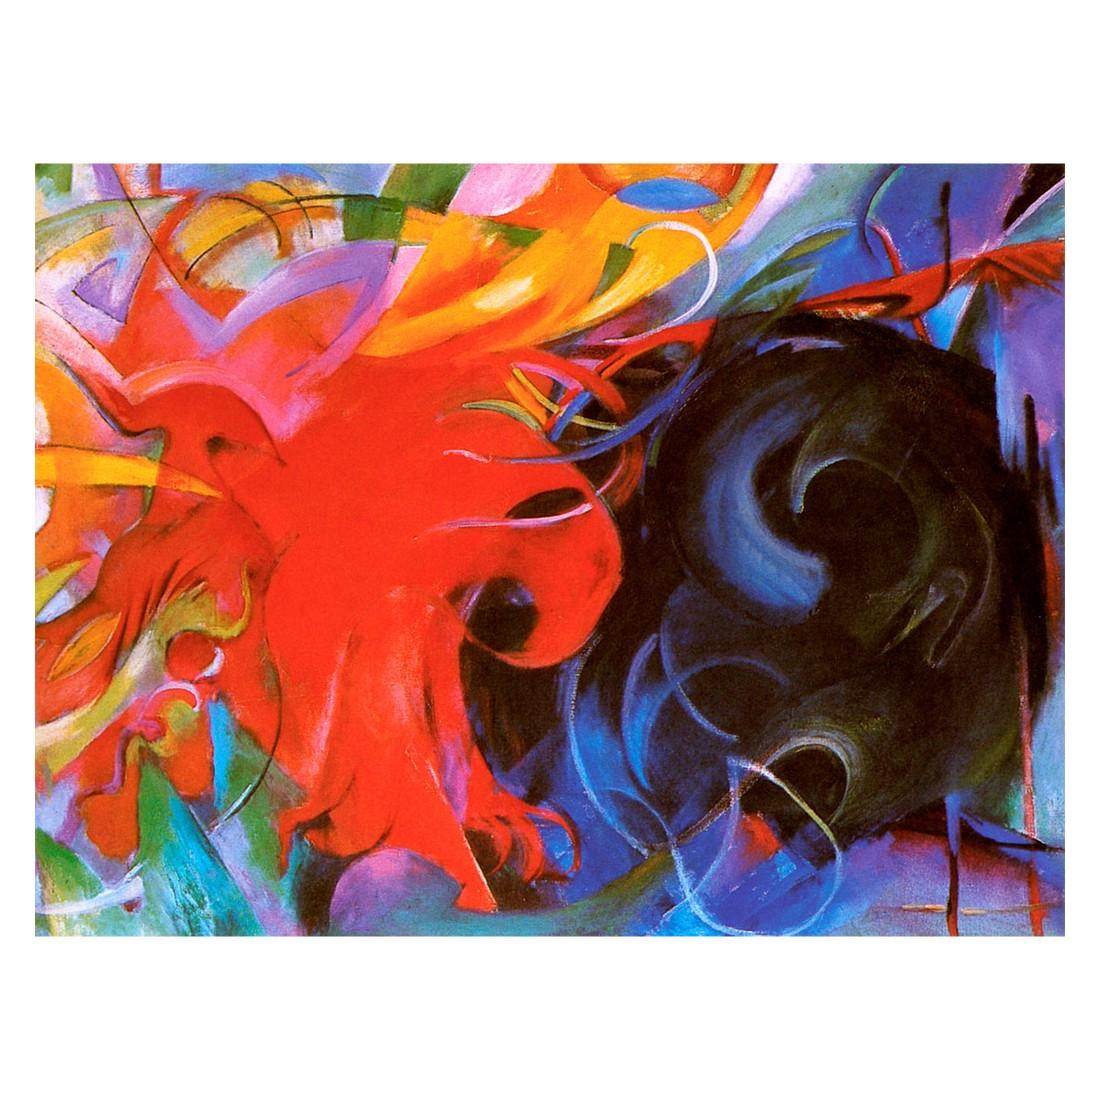 Ölgemälde Kämpfende Formen von Franz Marc – Größe 70 x 100 cm, your Painting jetzt kaufen